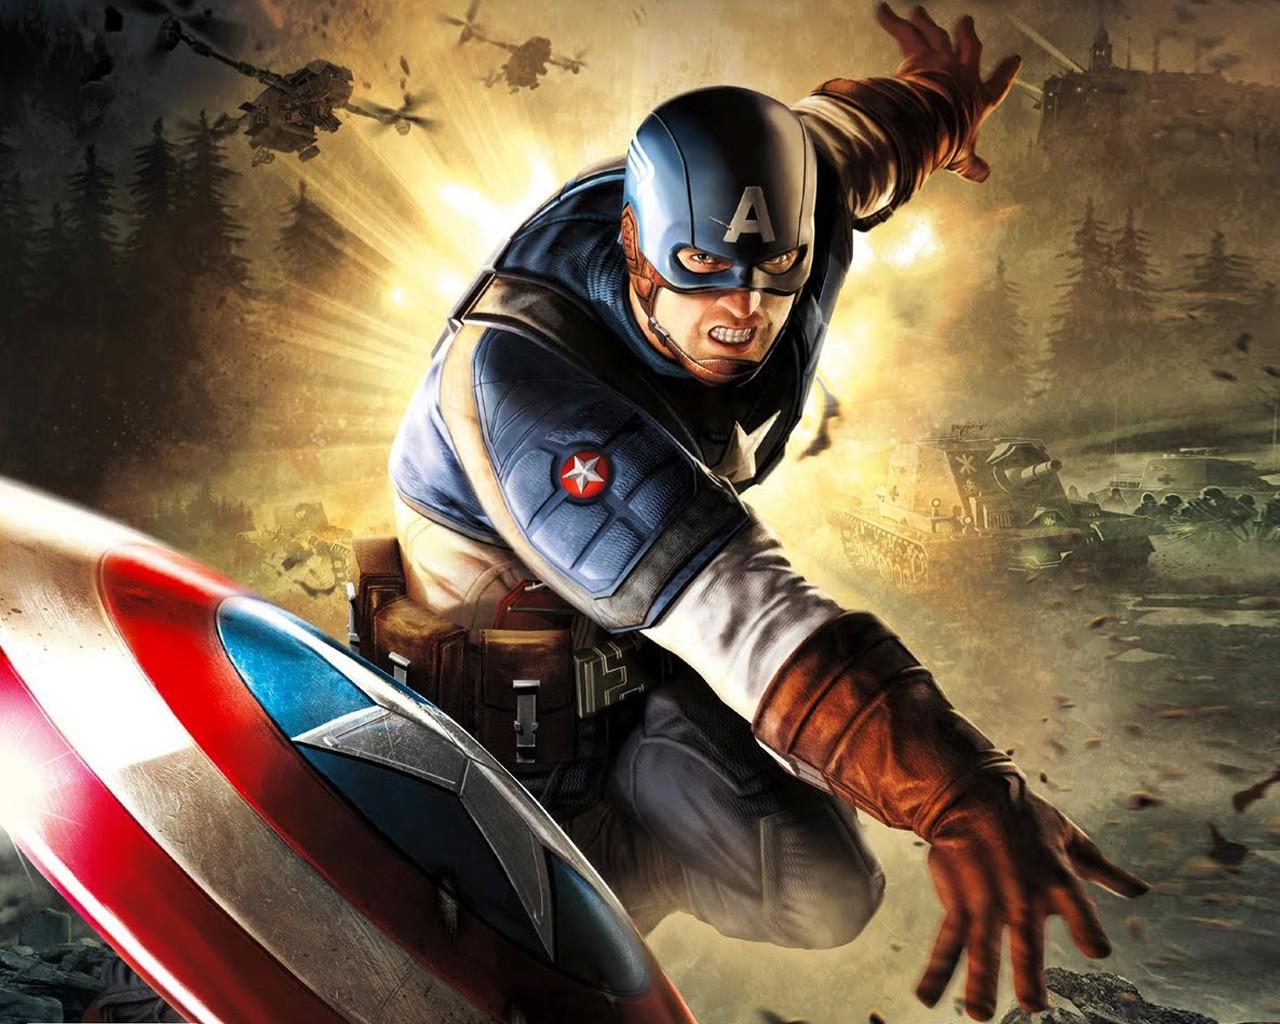 captain america   Marvel Comics Wallpaper 37040129 1280x1024